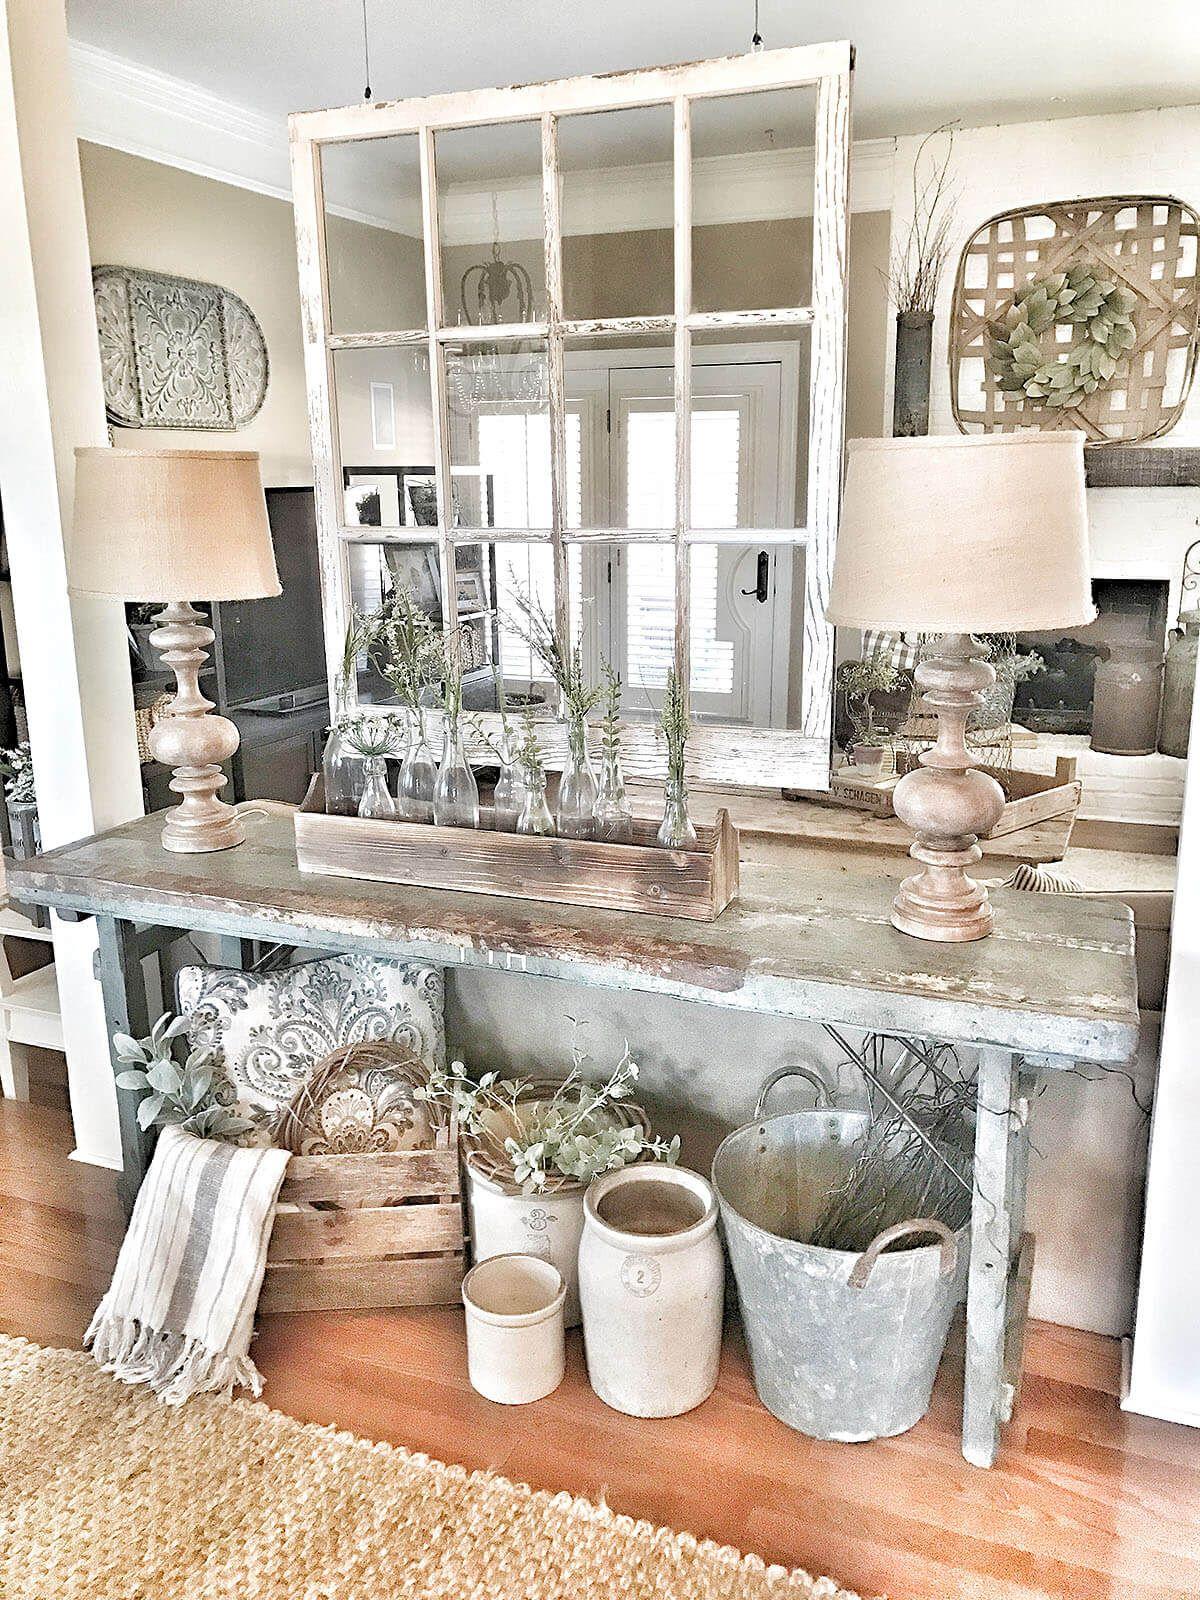 Sofa table decor - Farming